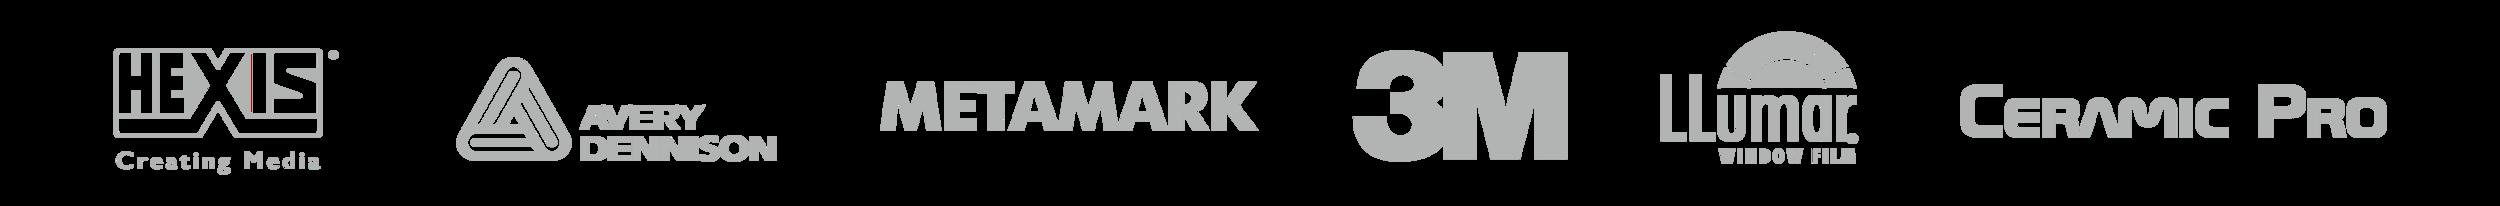 logos.png